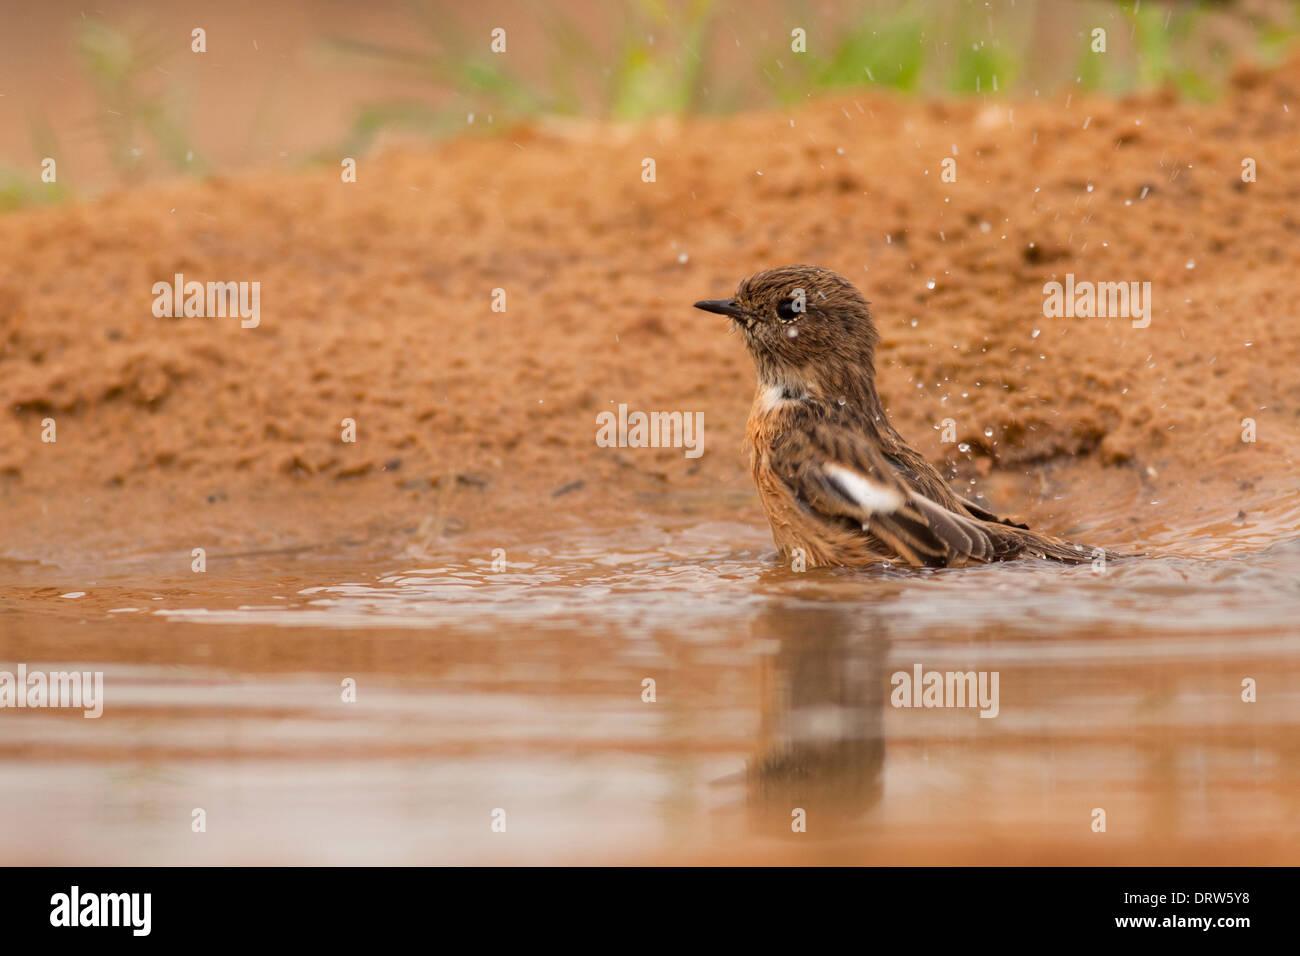 Braunkehlchen (Saxicola Rubetra) ein kleiner Sperlingsvögel Zugvogel, der in Europa und Westasien züchtet Stockbild